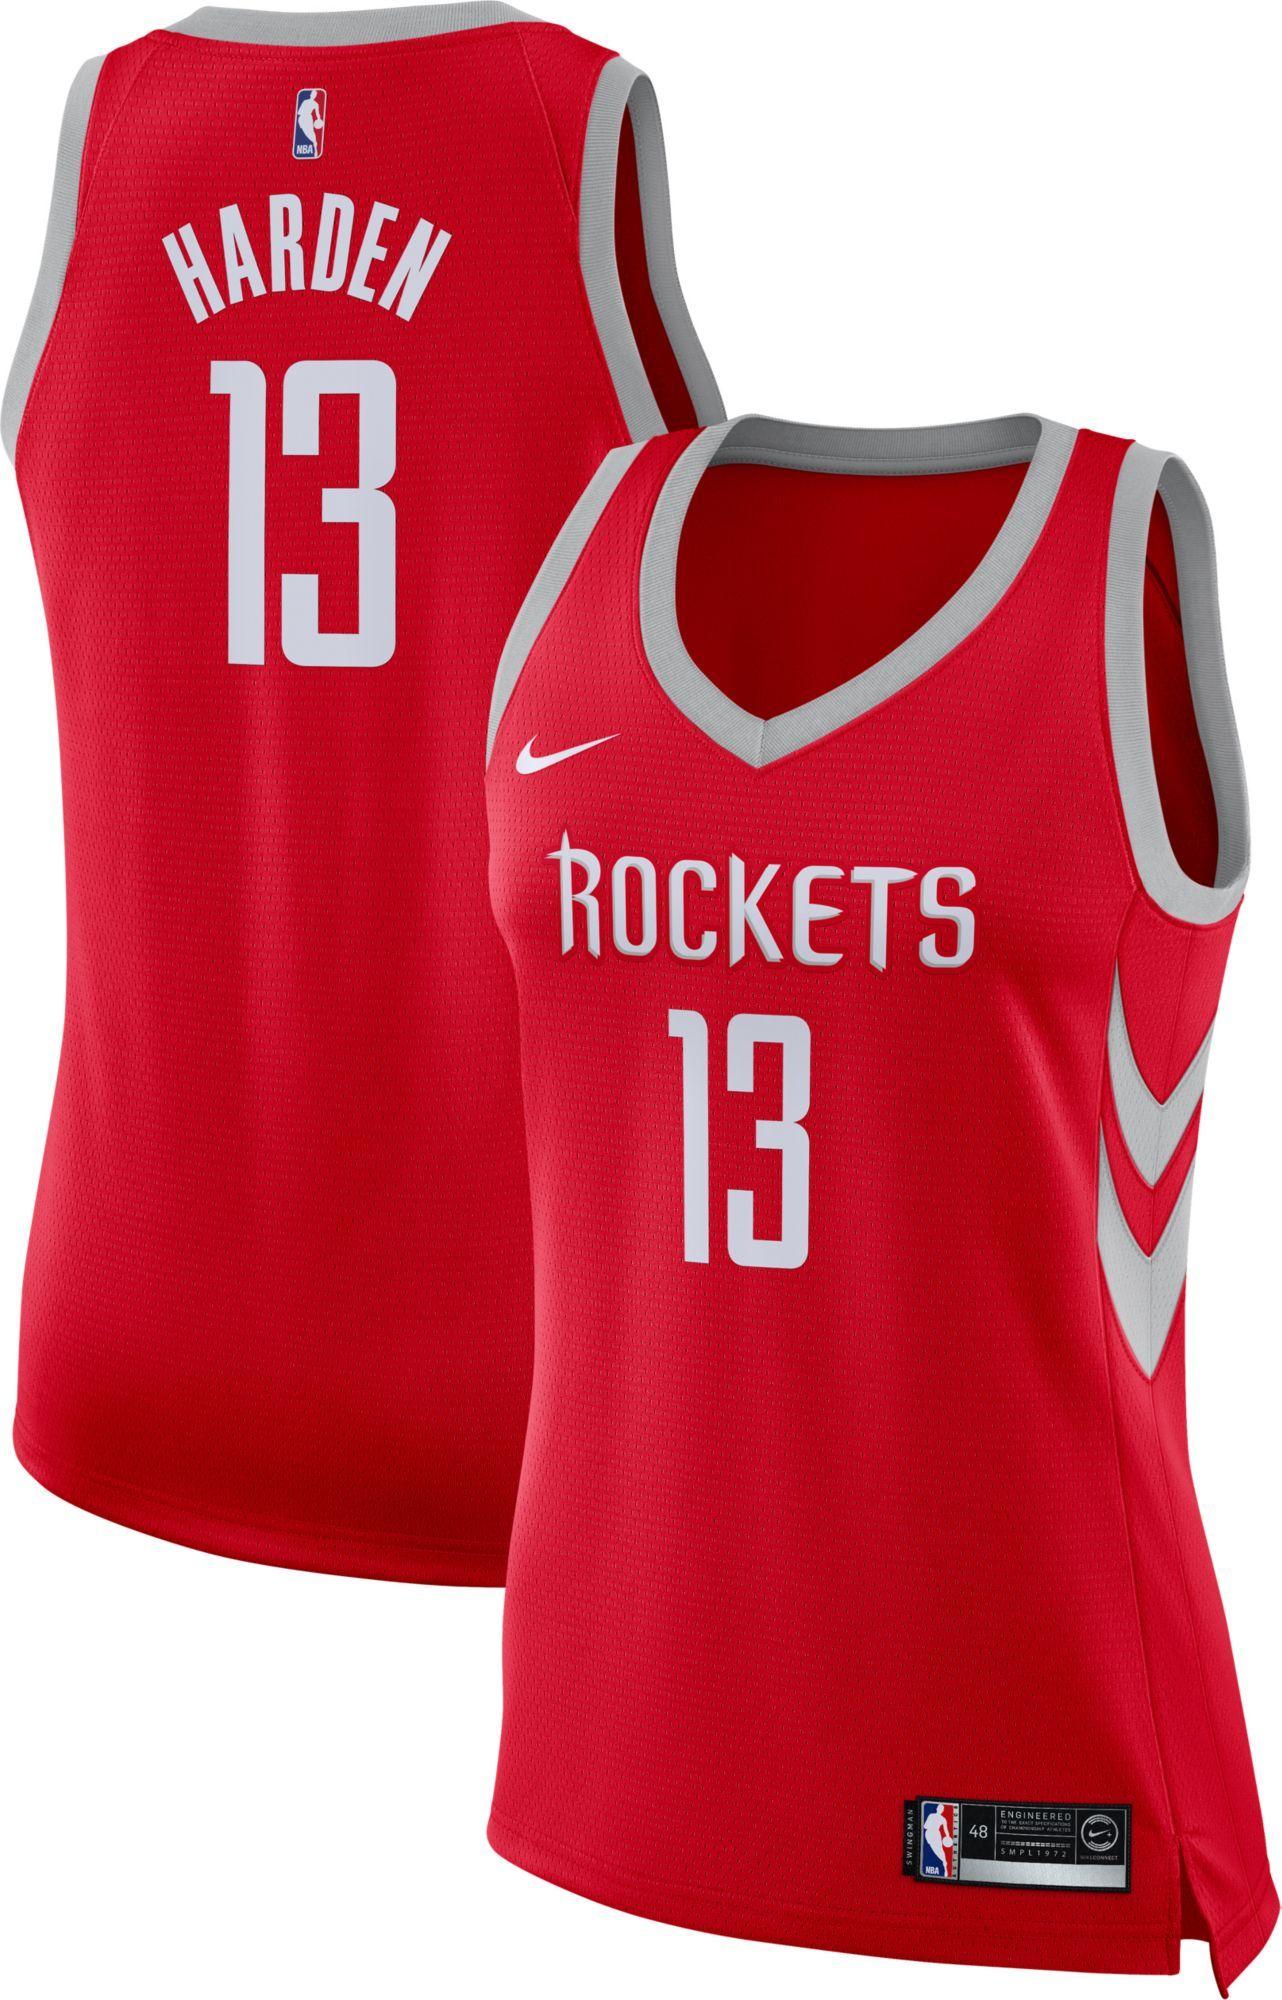 87e78e7eba9 Nike Women s Houston Rockets James Harden  13 Red Dri-FIT Swingman Jersey